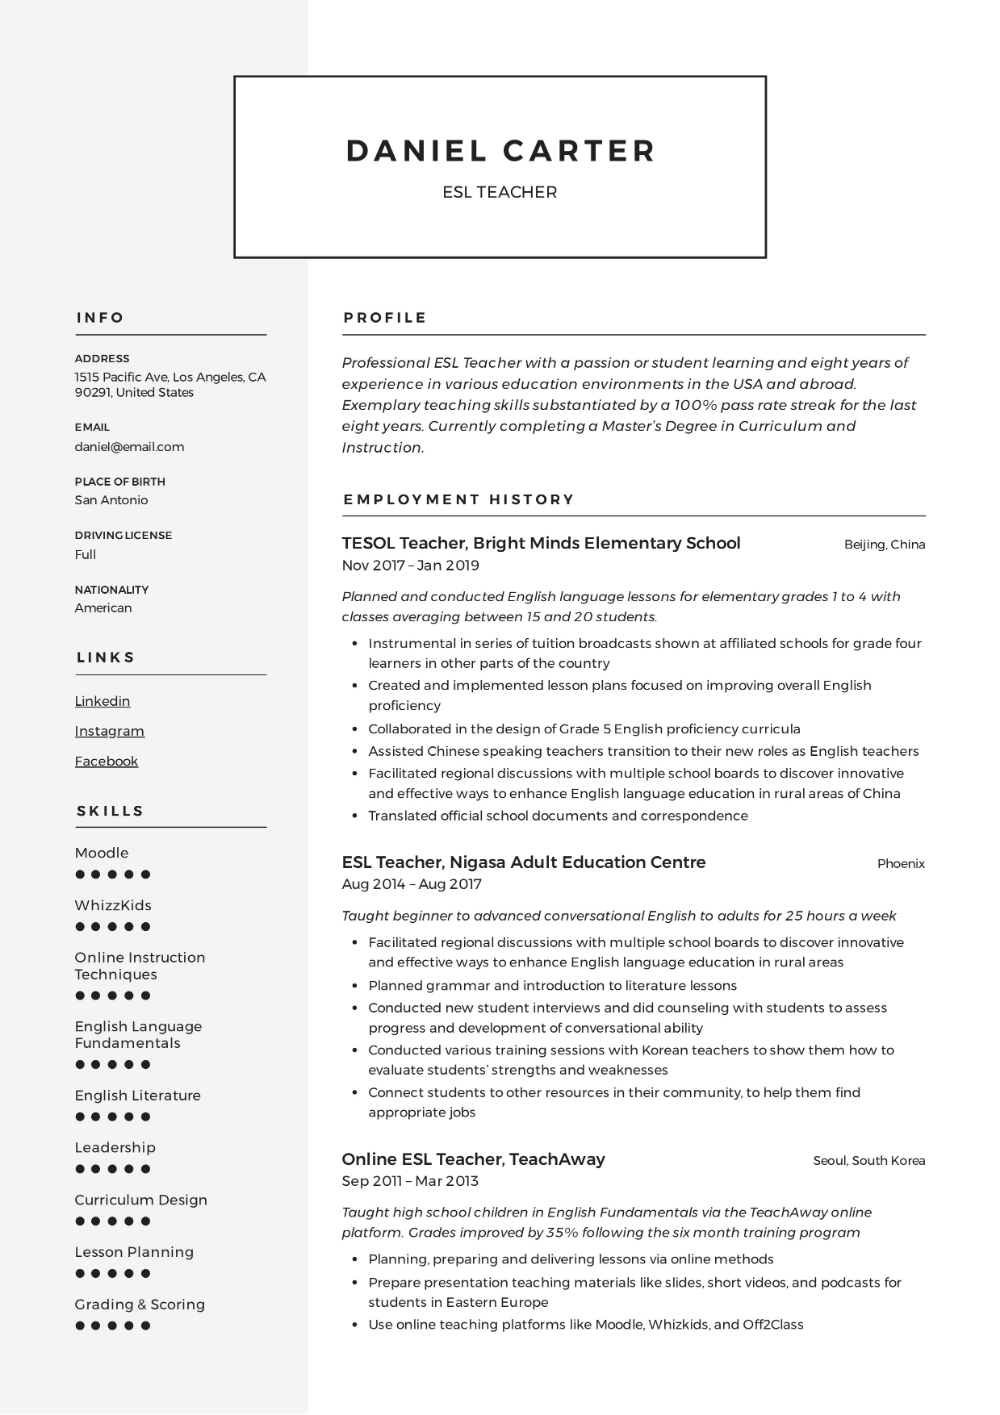 esl teacher resume sample & writing guide resumeviking for accountant pdf format tamil teachers best cv